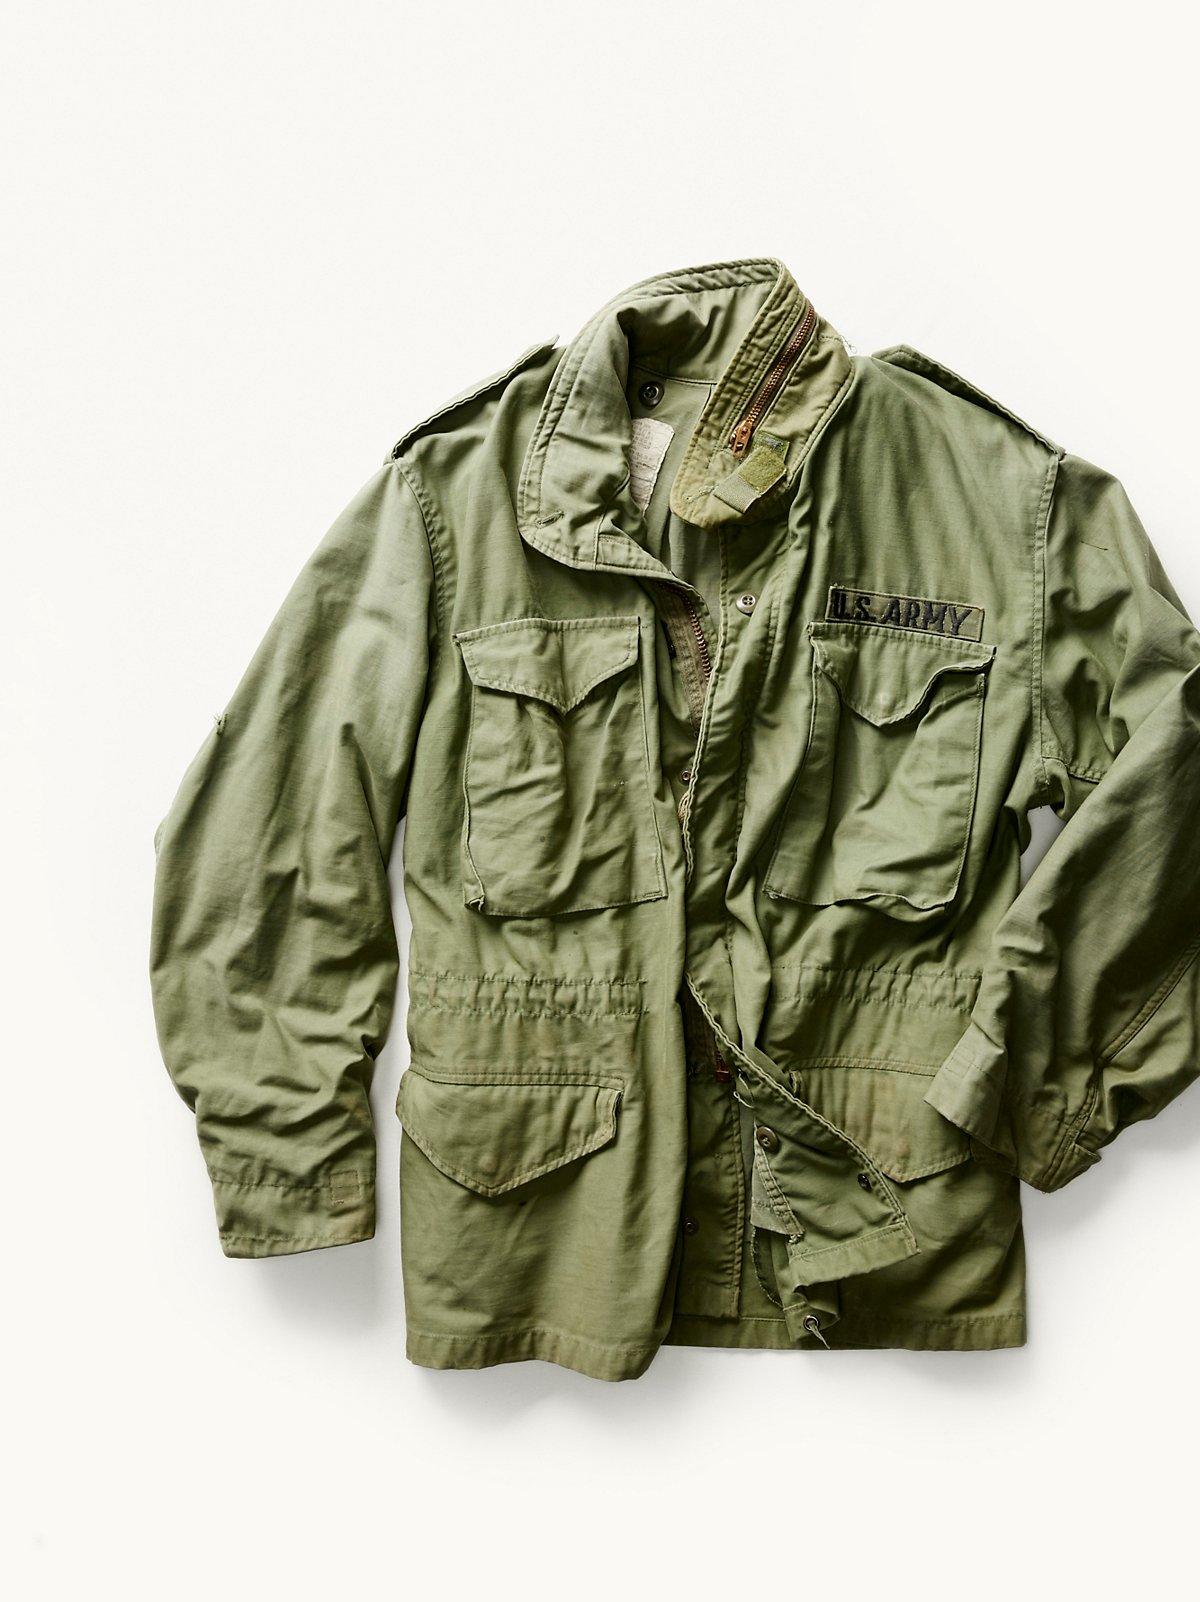 Vintage 1960s Military Jacket